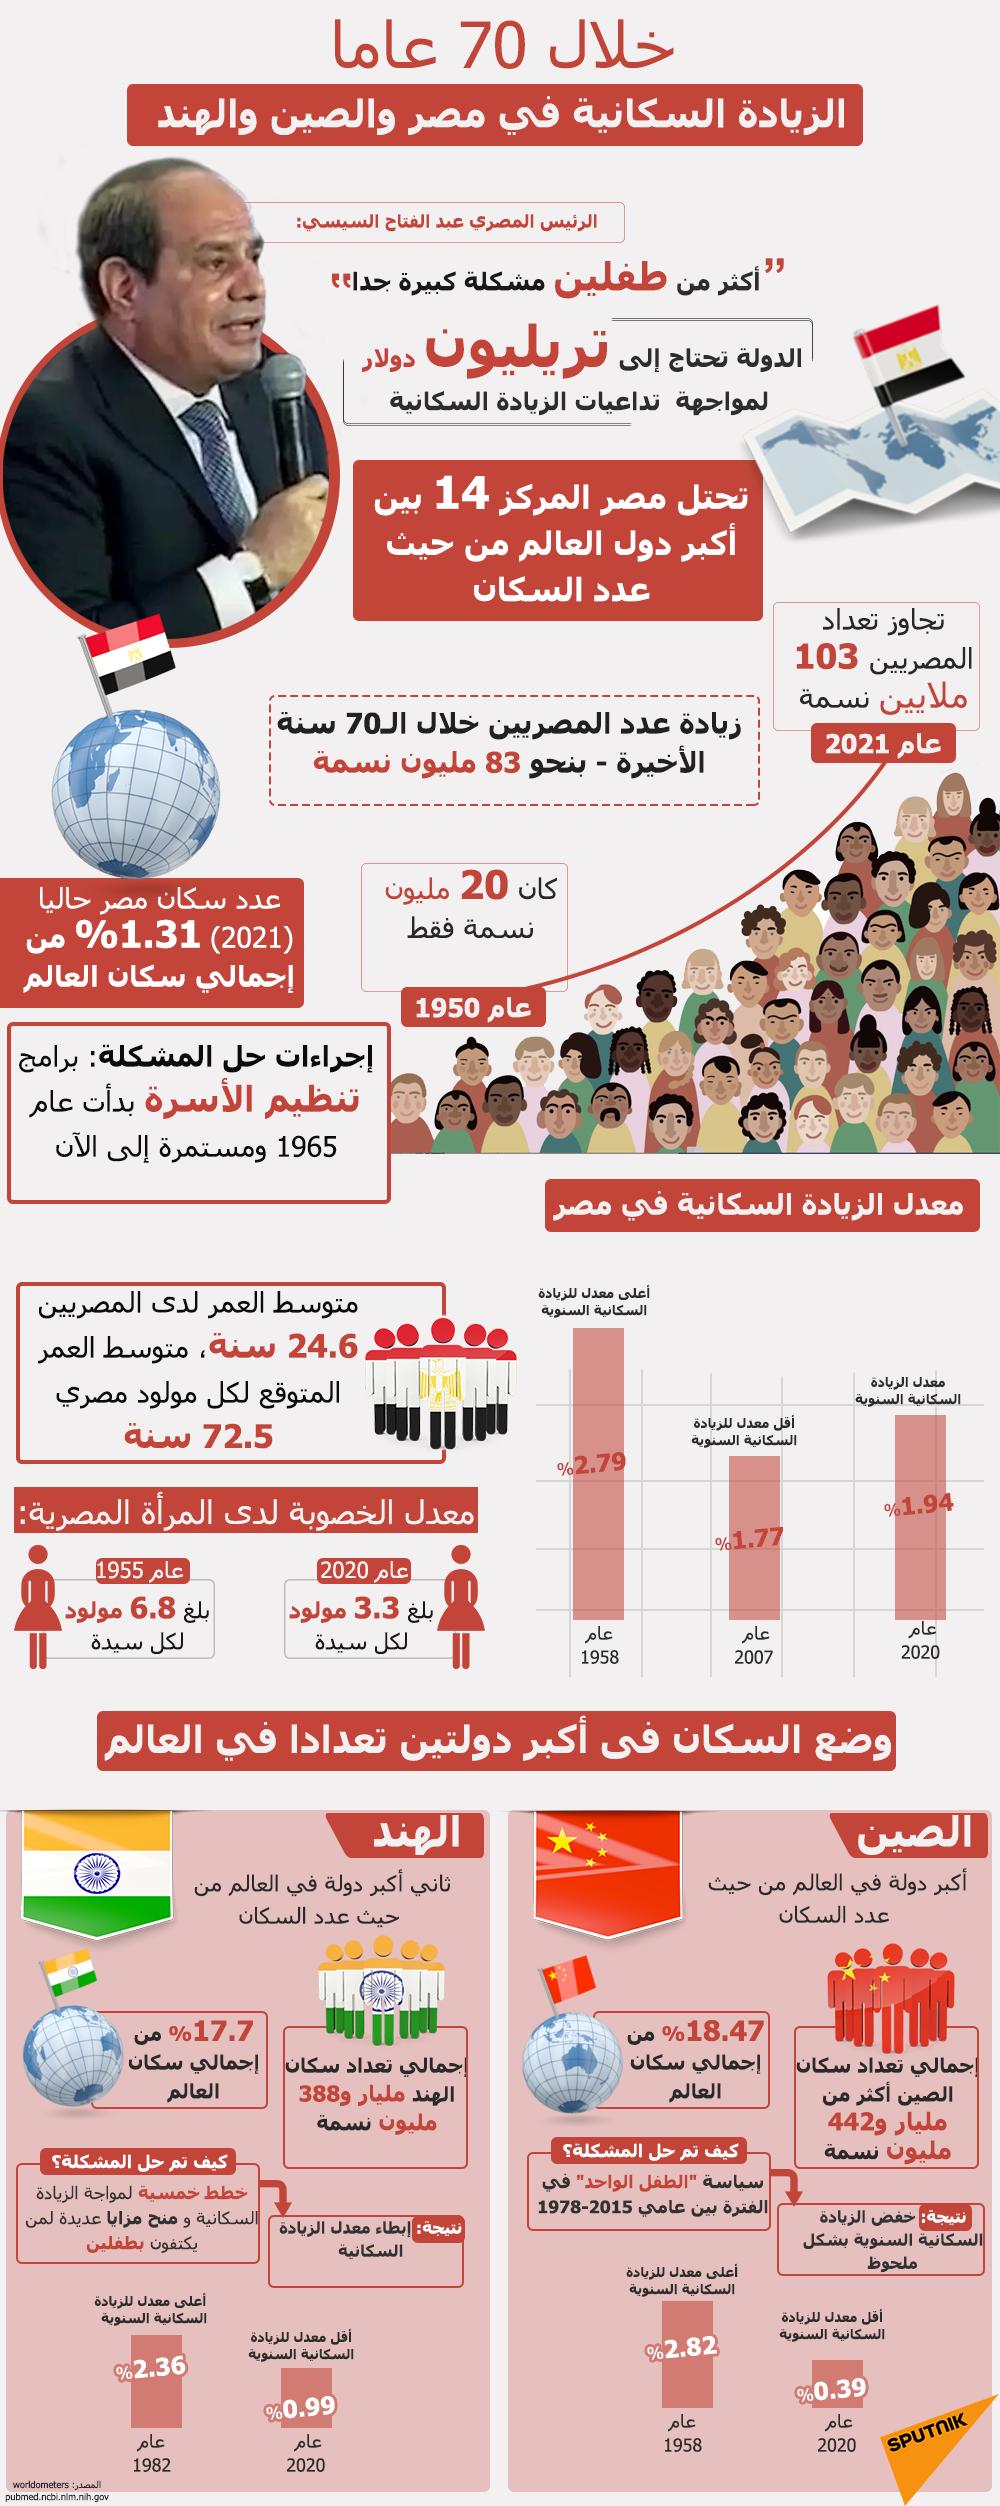 إنفوجرافيك.. خلال 70 عاما... الزيادة السكانية في مصر والصين والهند